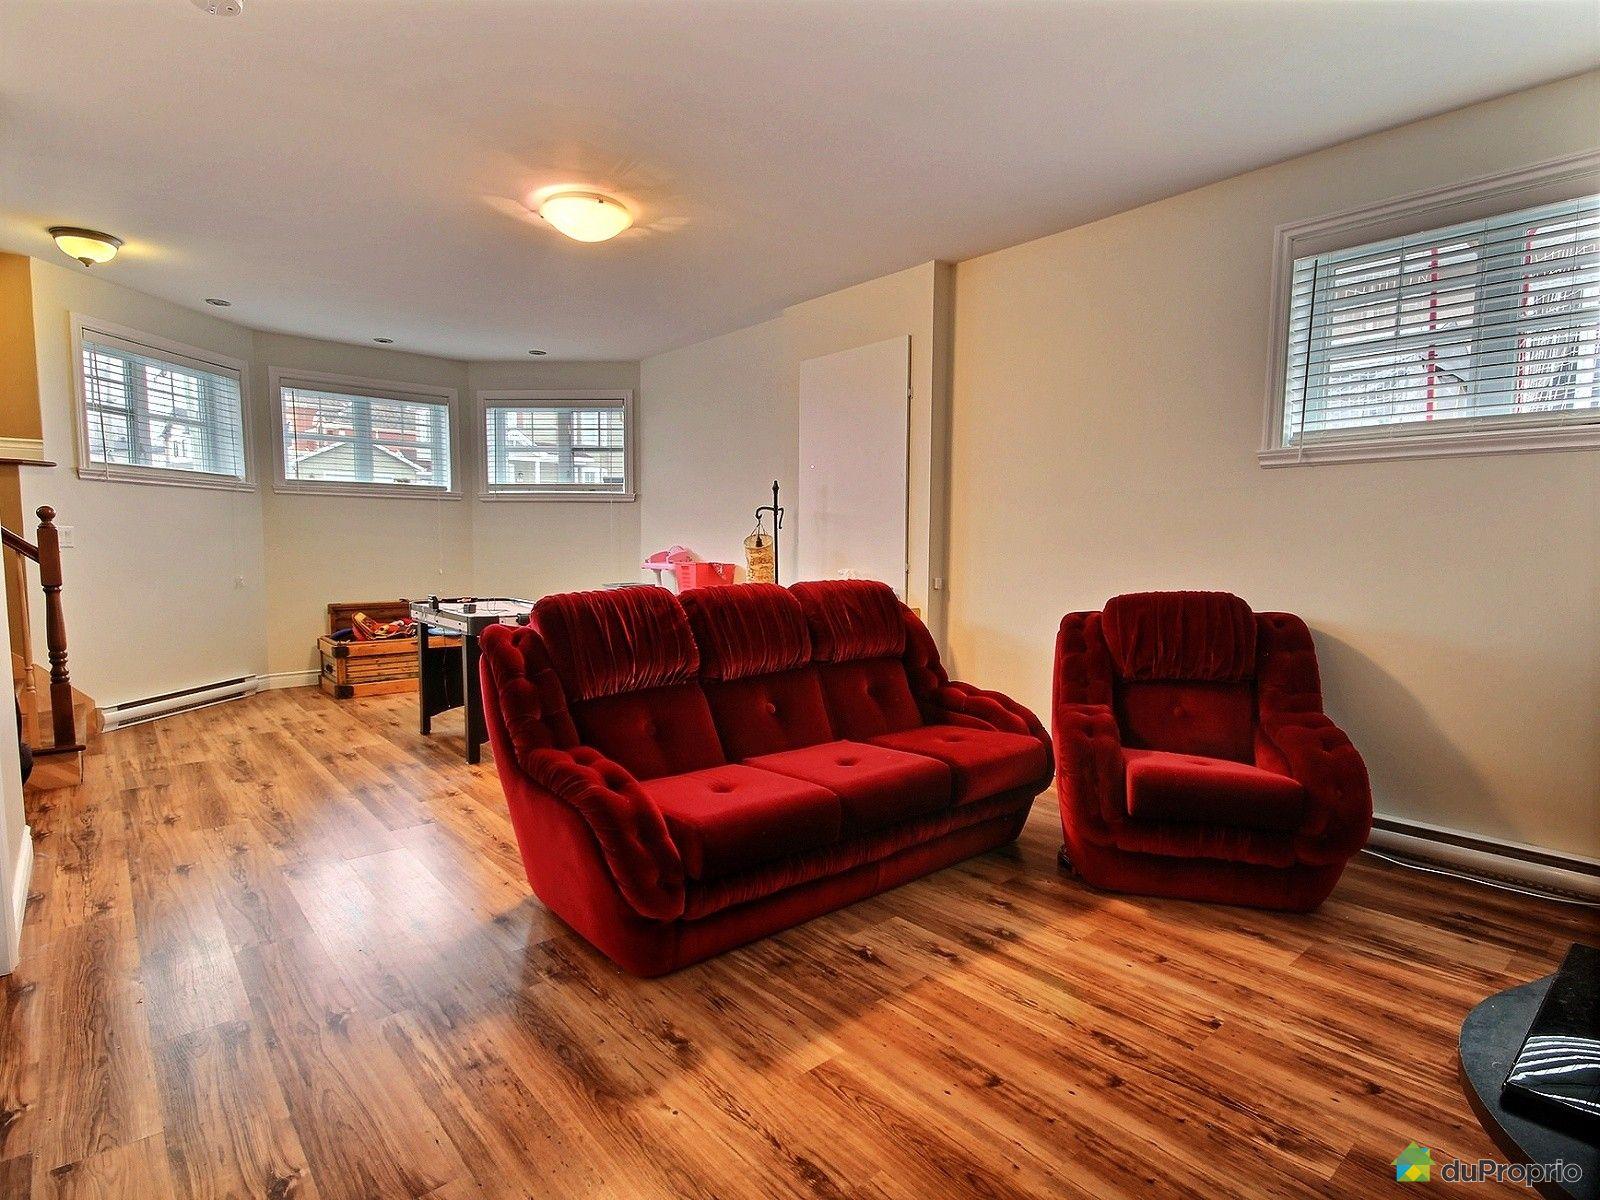 Merveilleux puit de lumiere dans plancher 6 salle for Puit de lumiere dans plancher